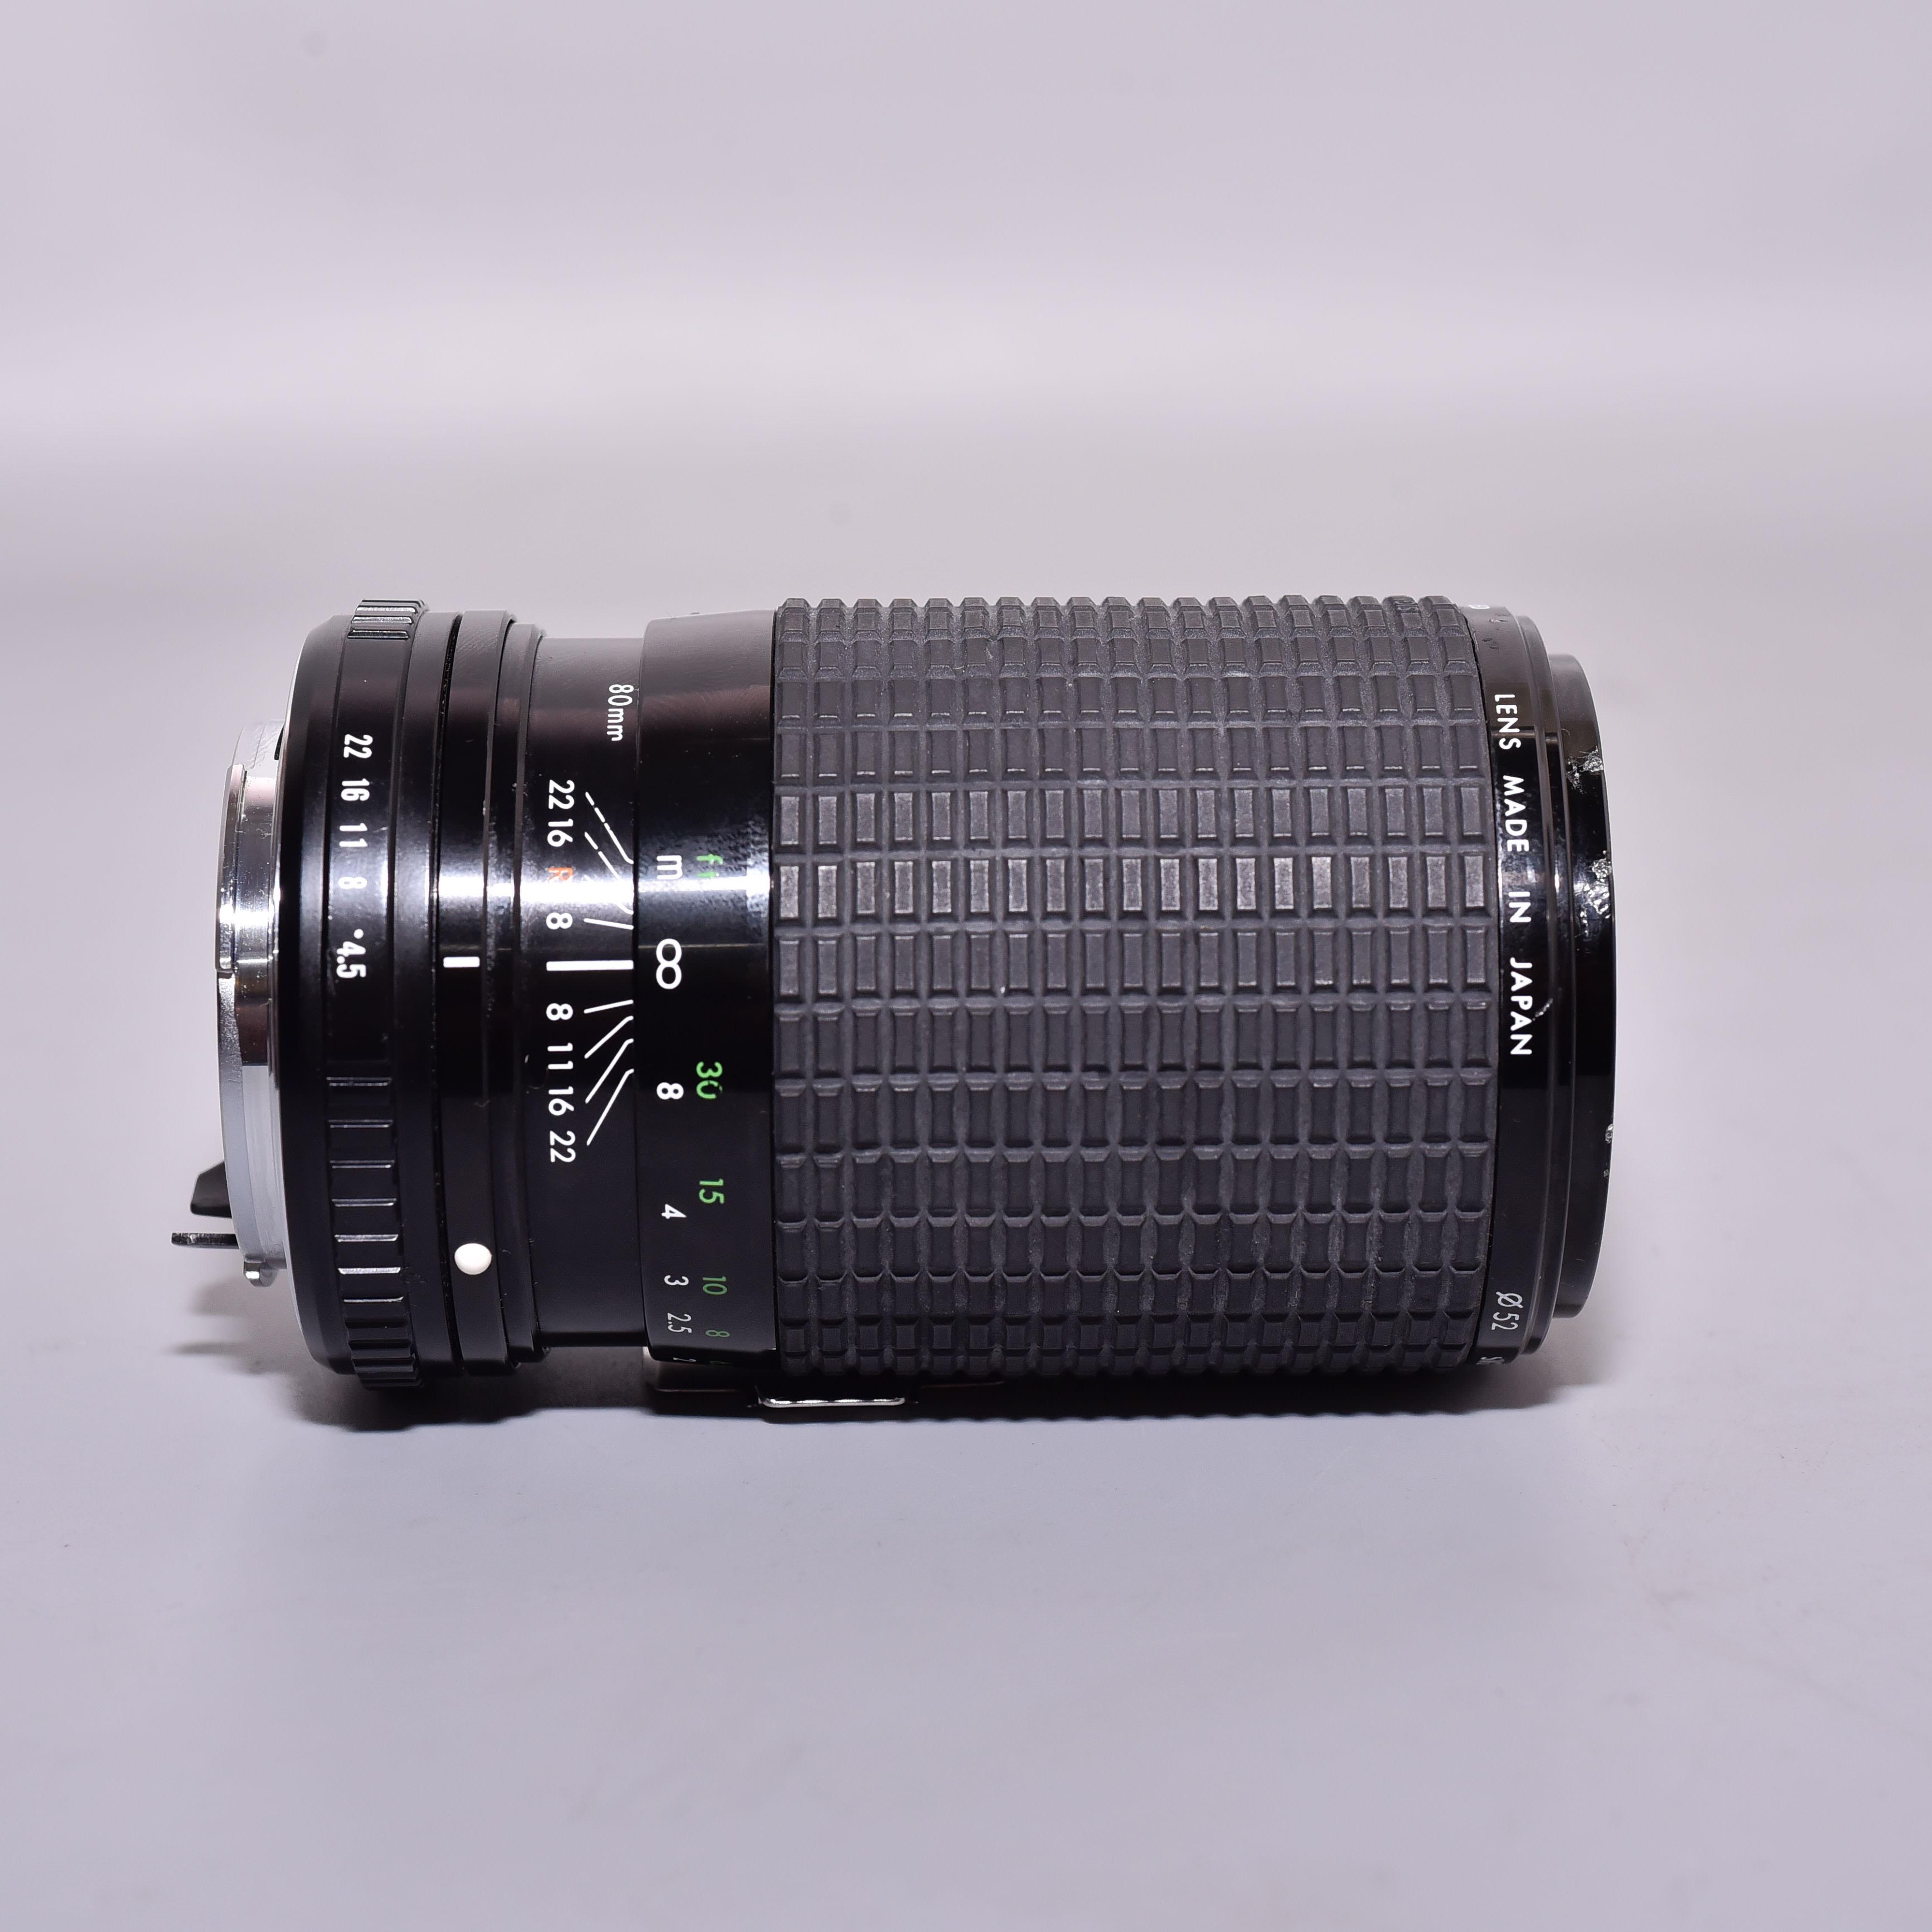 sigma-80-200mm-f4-5-6-mf-pentax-80-200-4-5-6-15165